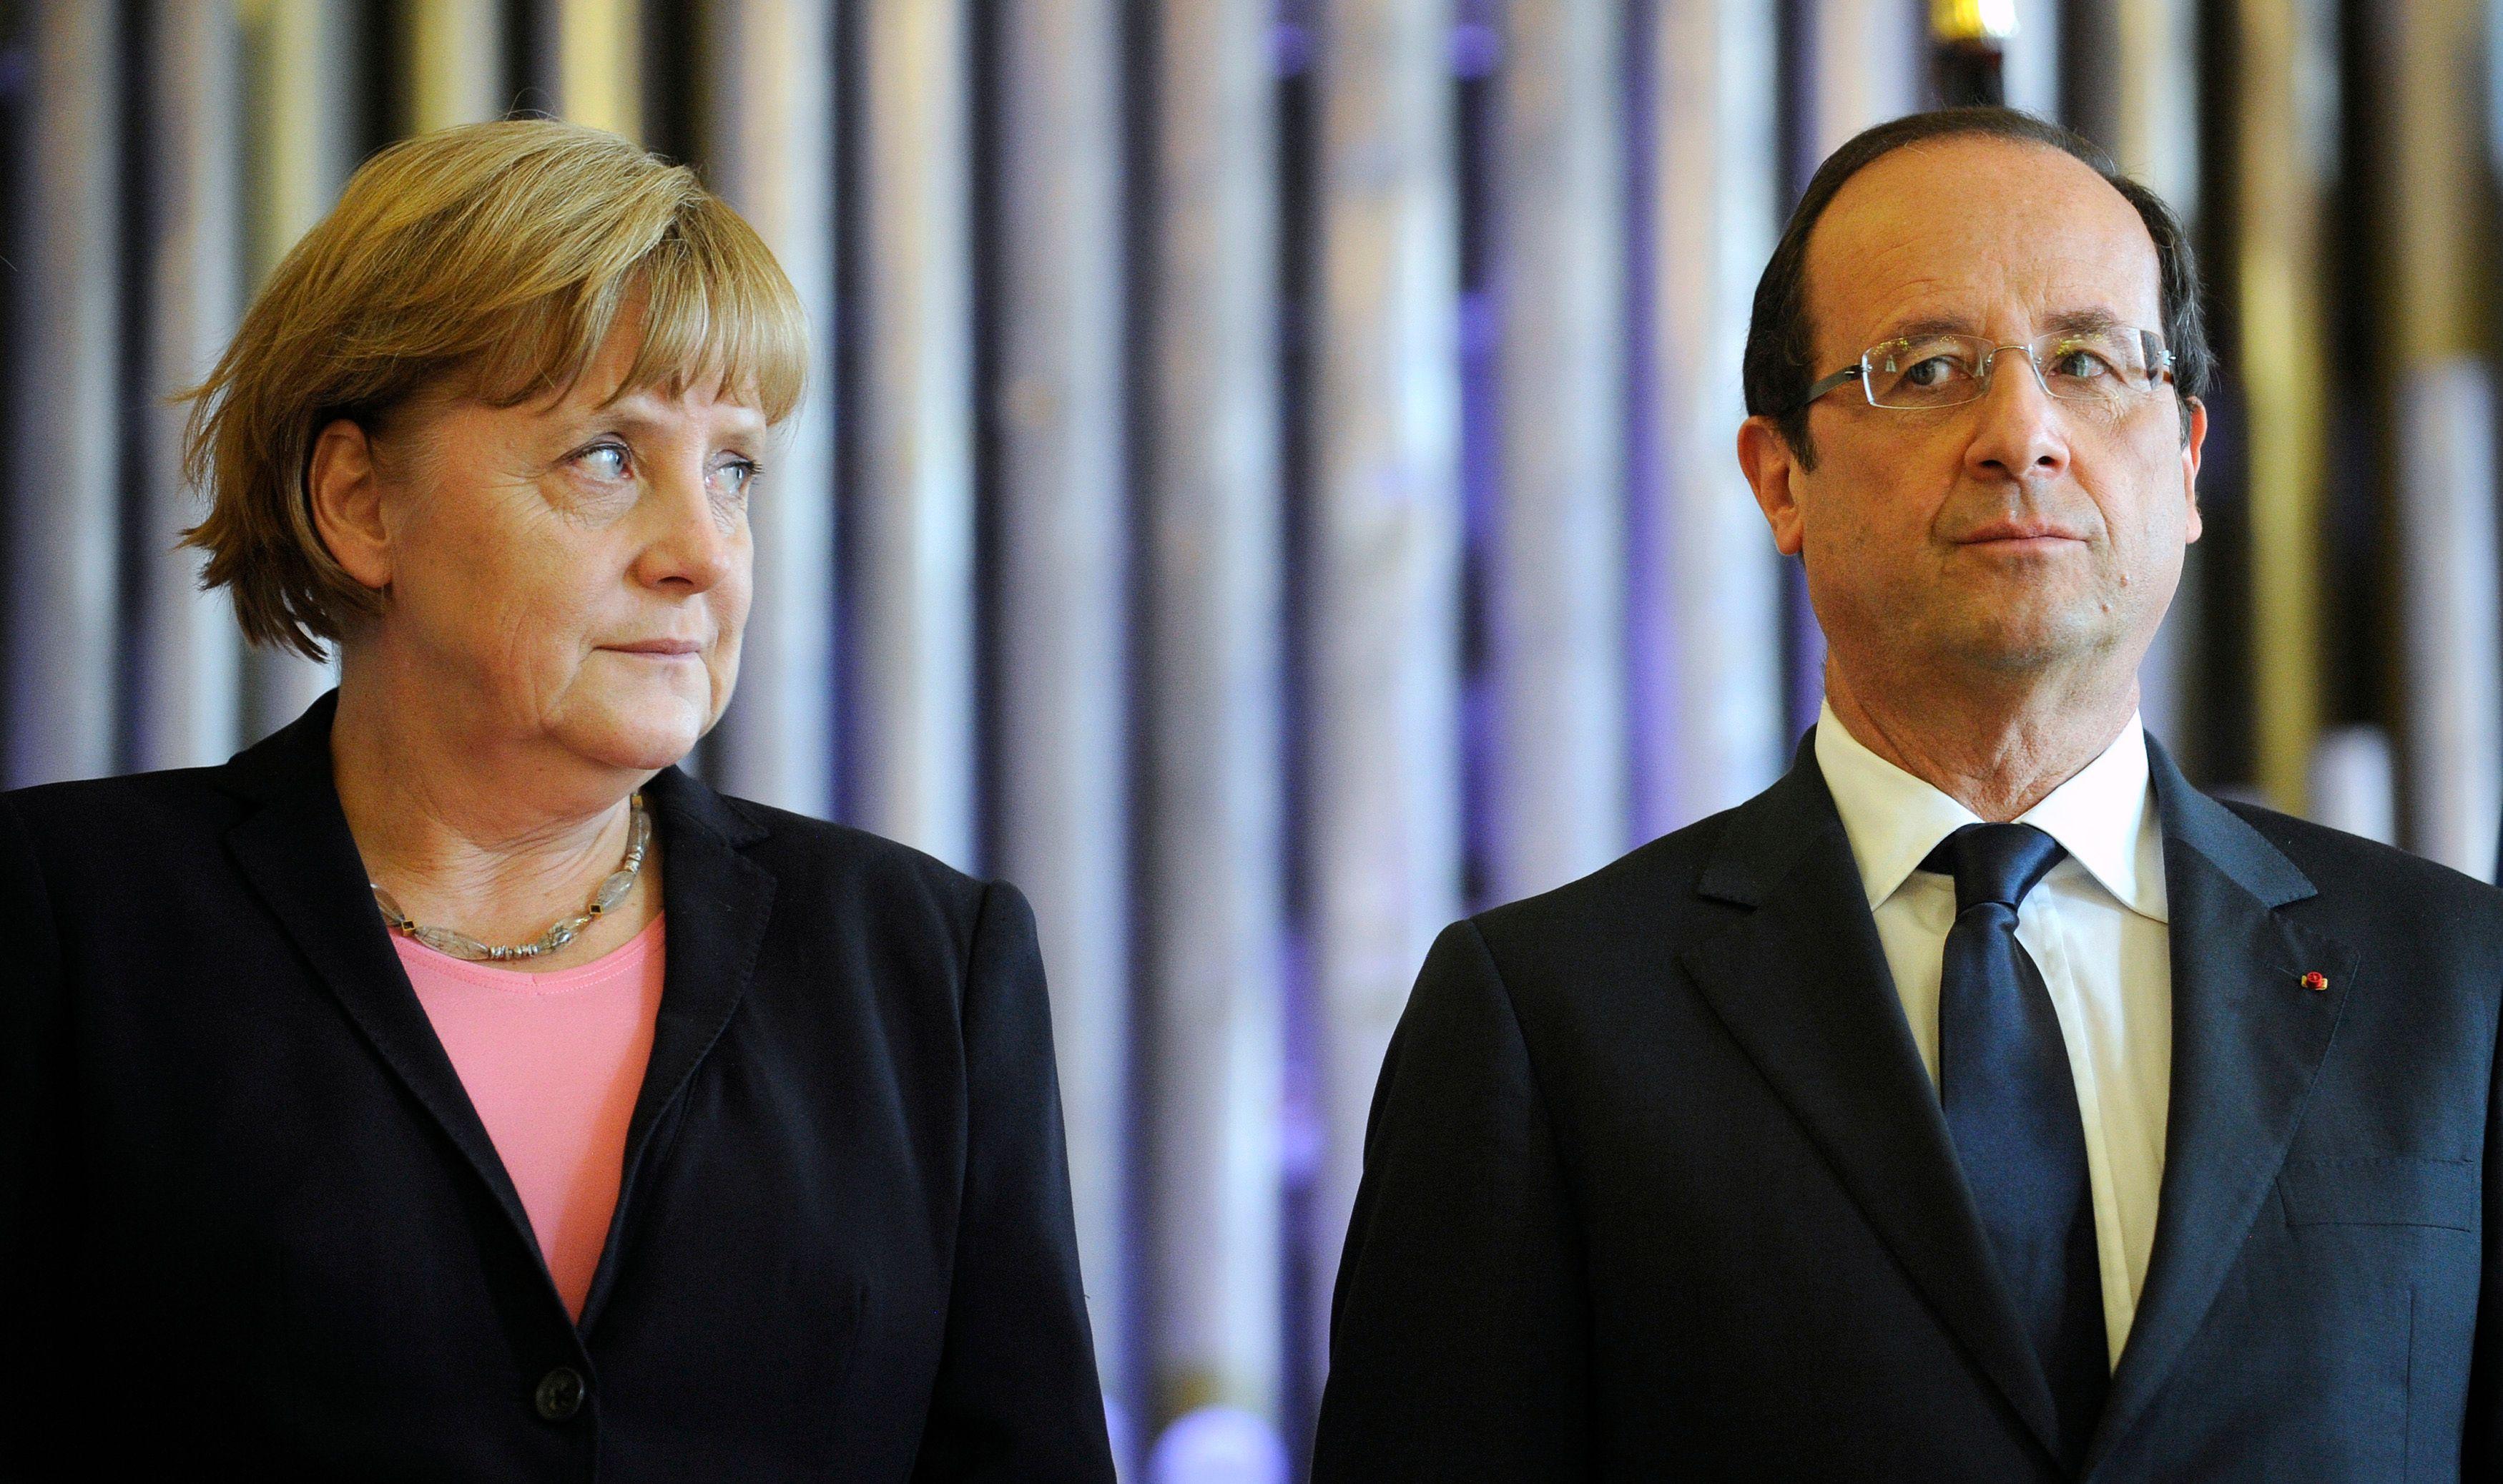 L'Allemagne a mieux résisté à la crise que la plupart de ses voisins européens.